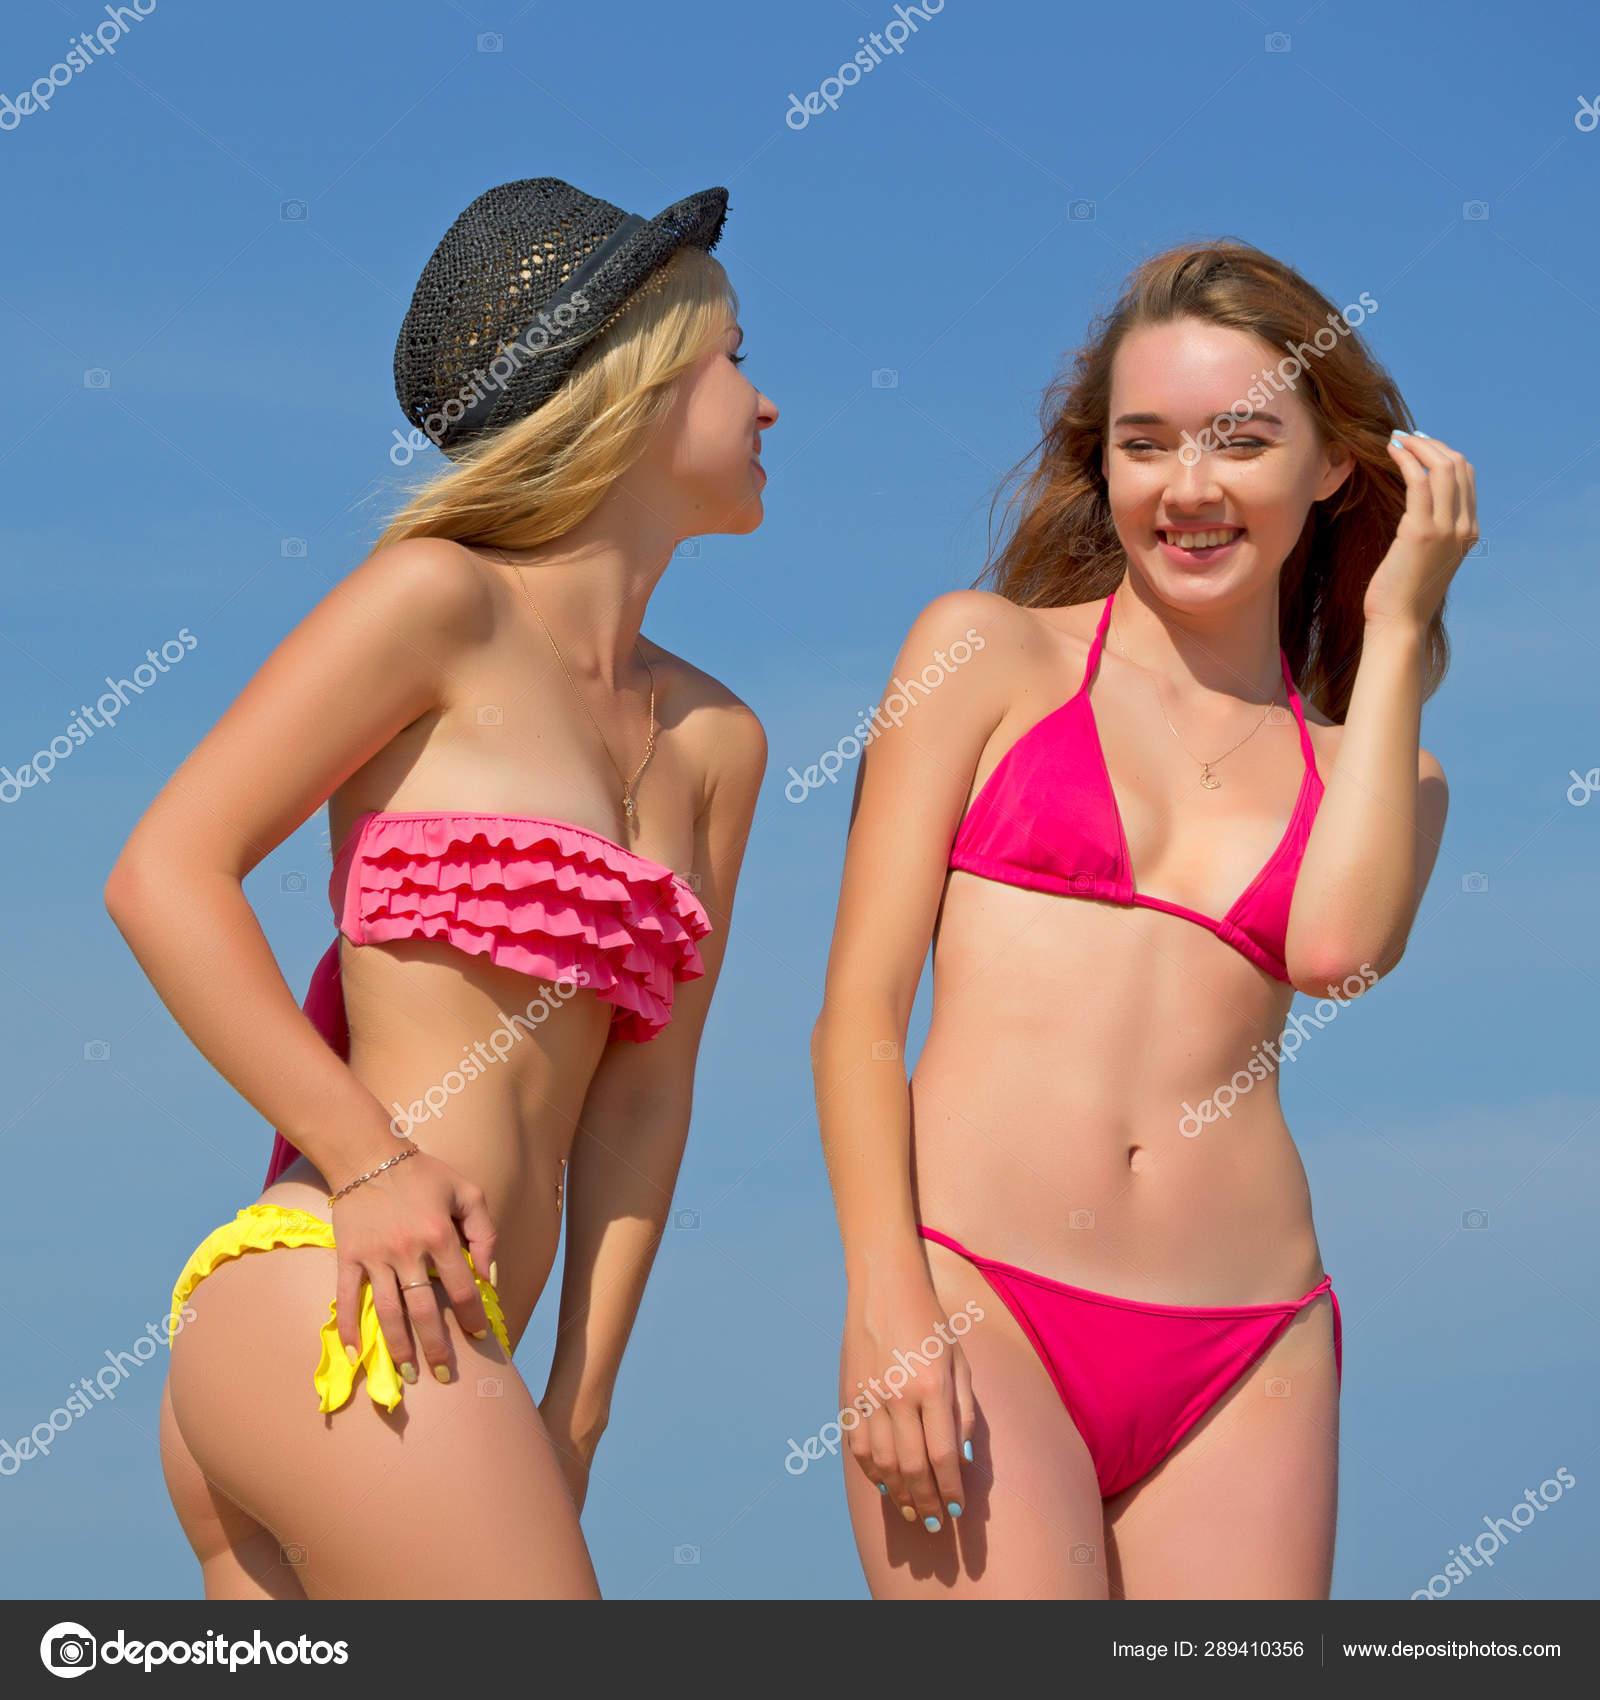 Bikinis hot girls in Two Girls